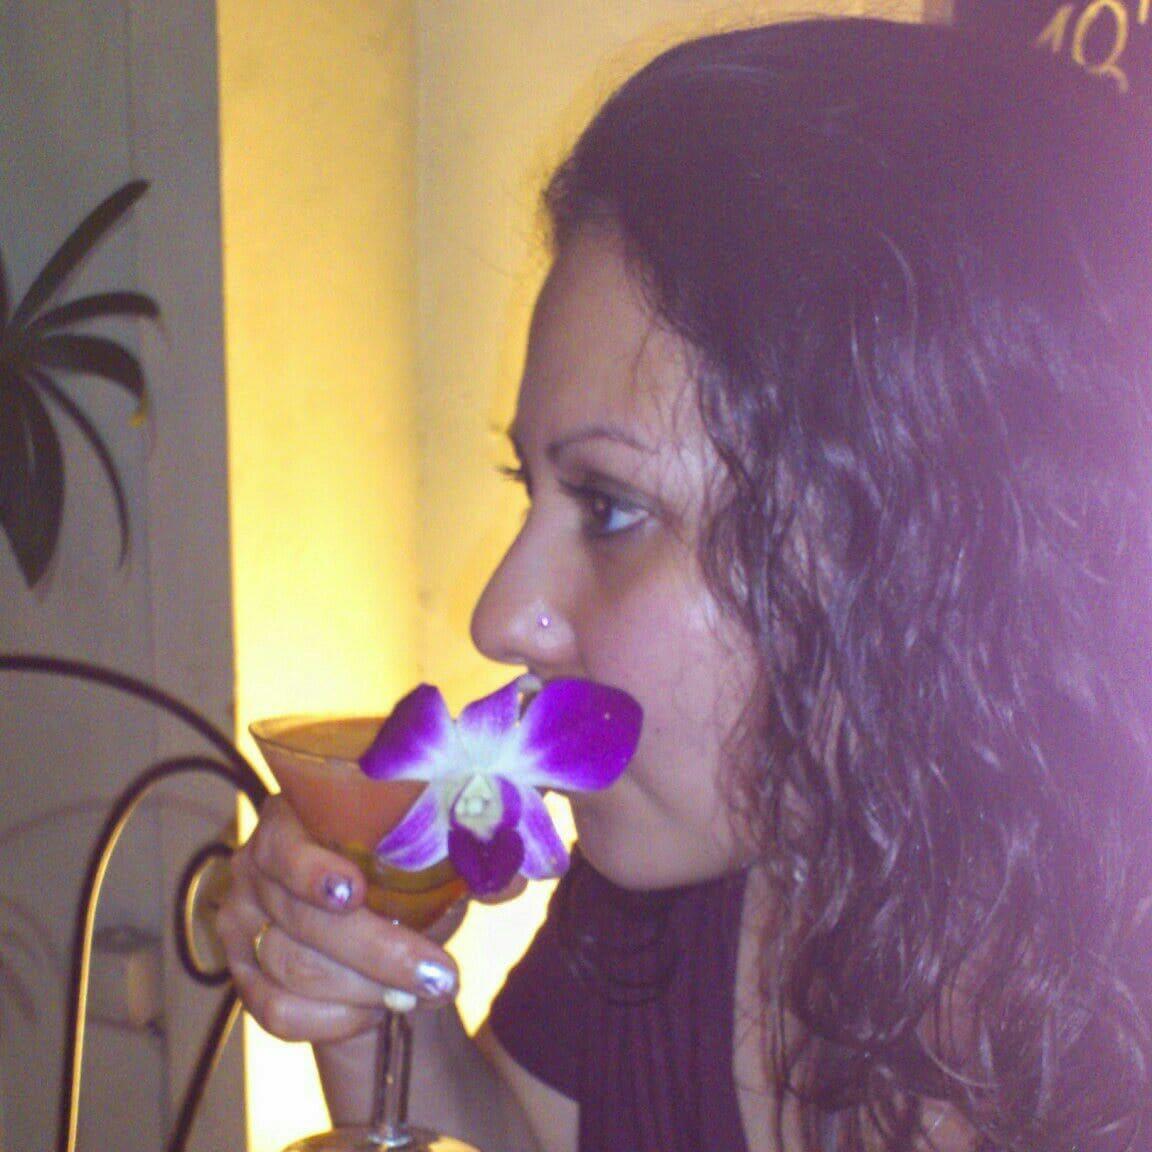 Giselle From Diemen, Netherlands